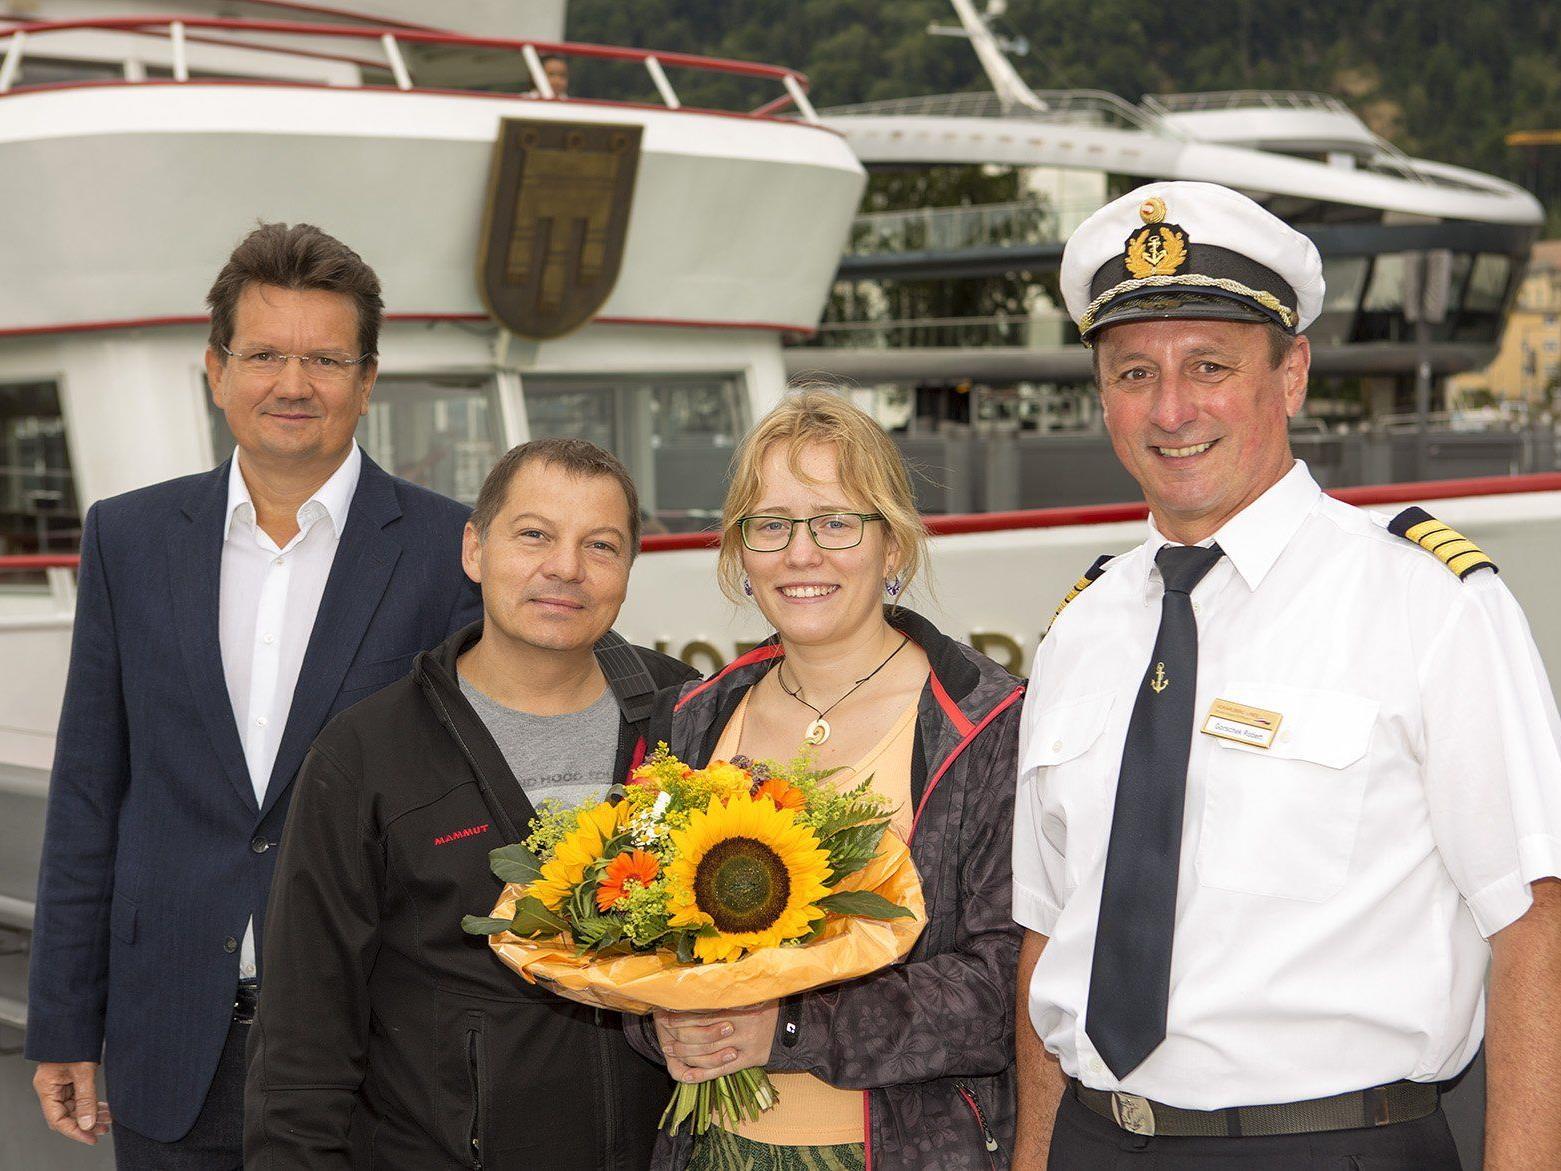 Der sieben Millionste Fahrgast darf sich über einen Gutschein für eine weiter Bodensee-Kreuzfahrt freuen.